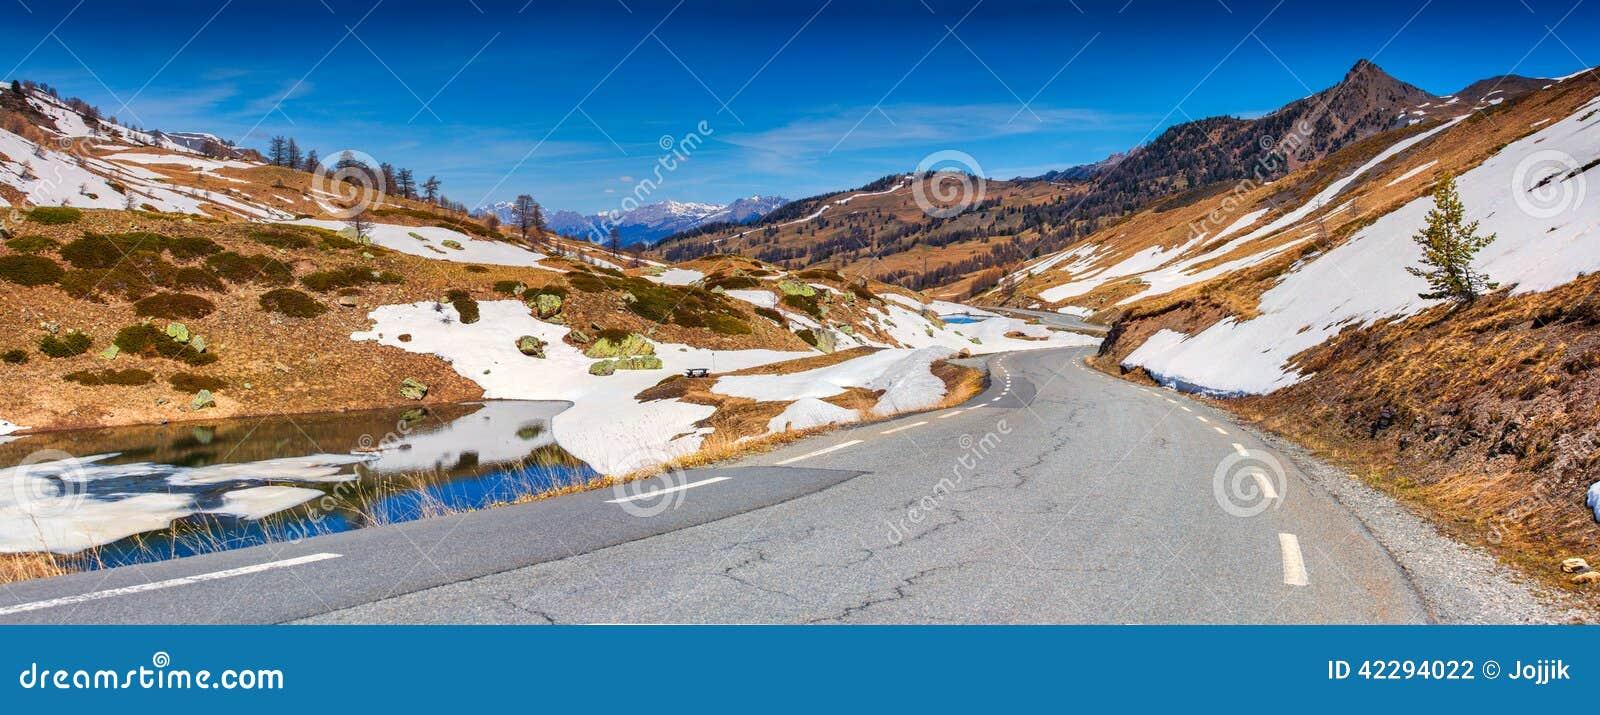 Панорама Col De Vars пропуска, Альпы,